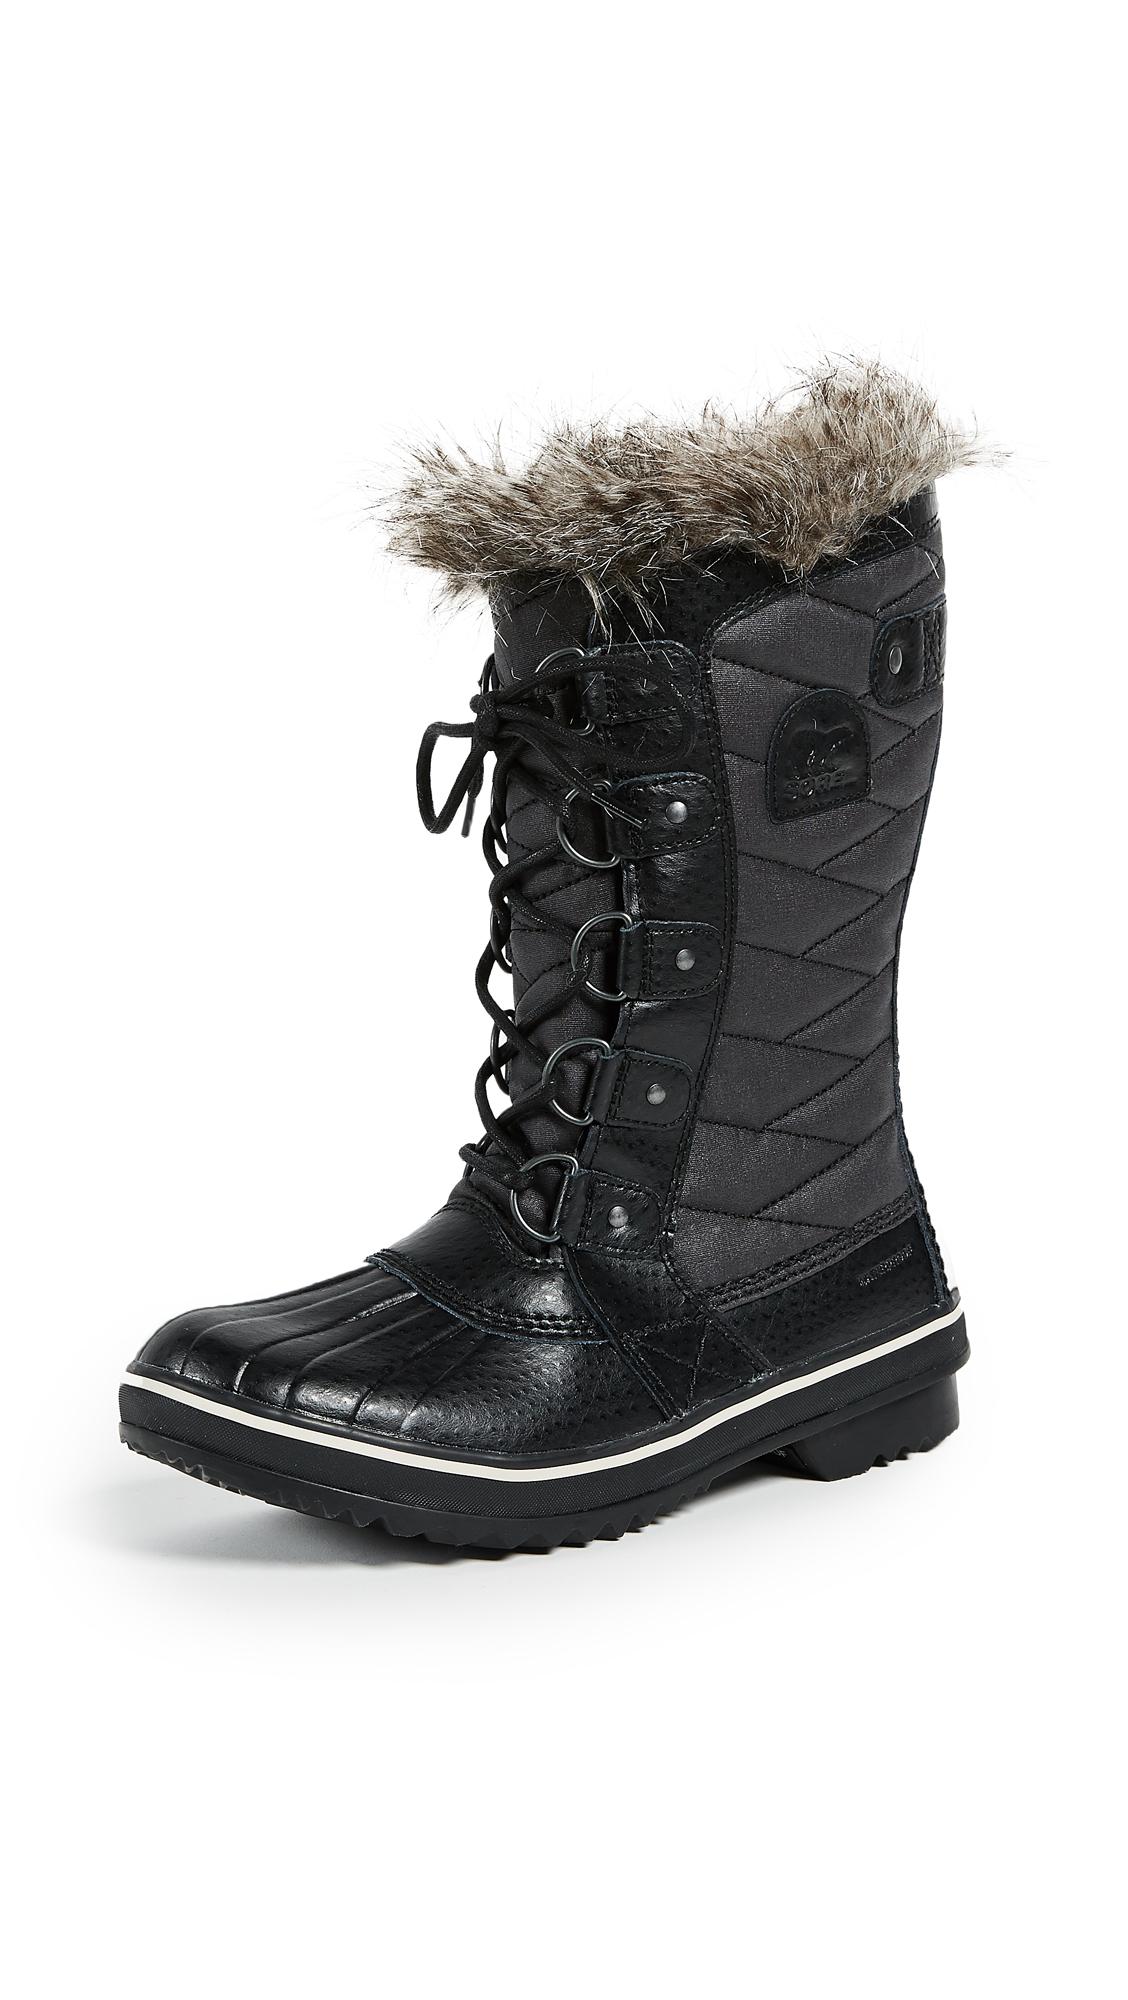 Sorel Tofino II Boots - Black/Stone